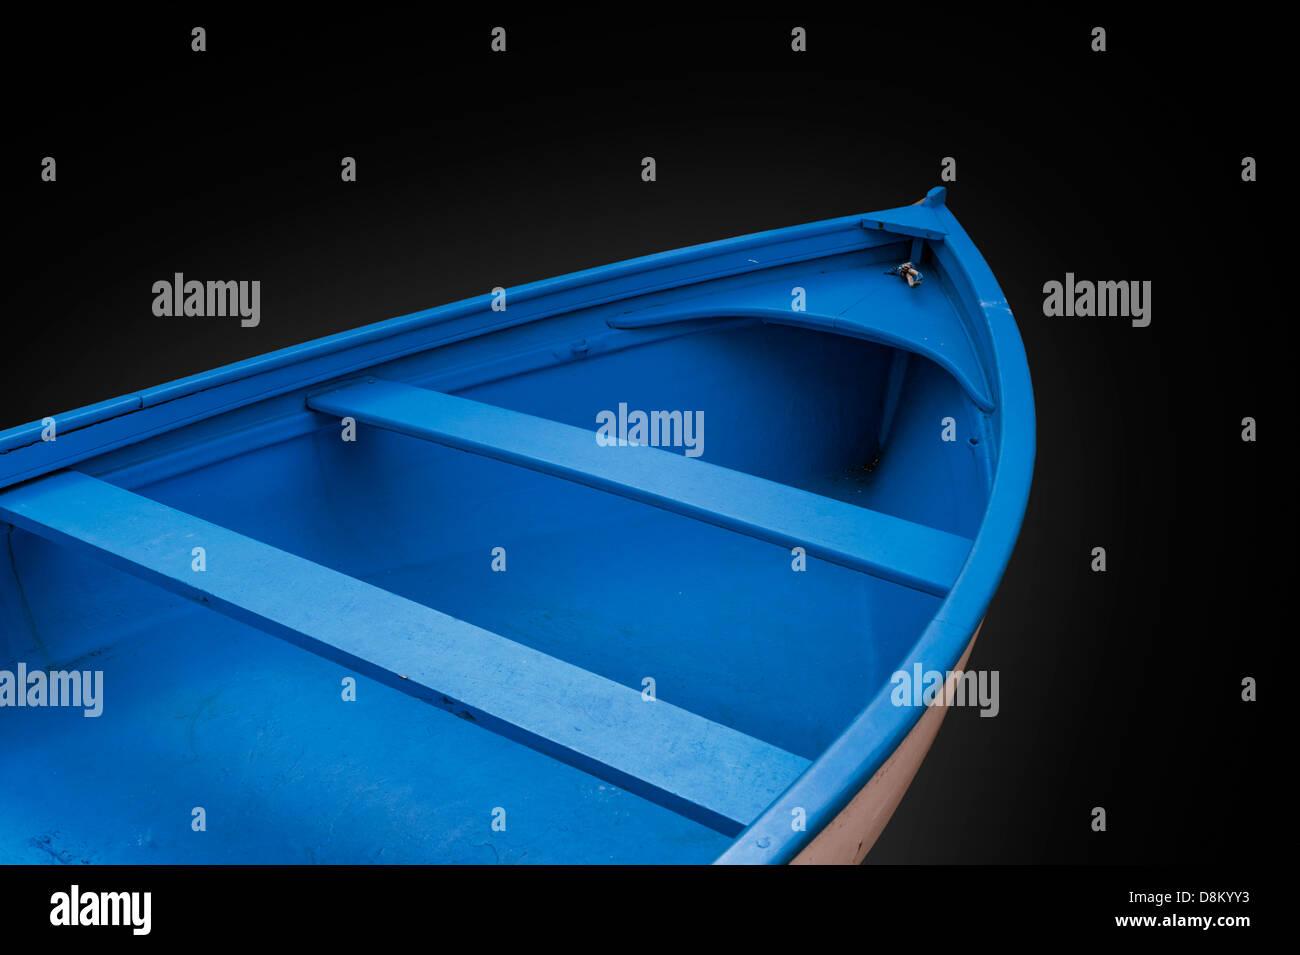 Une image éditoriale d'un canot bleu noeud sur un fond noir. Photo Stock